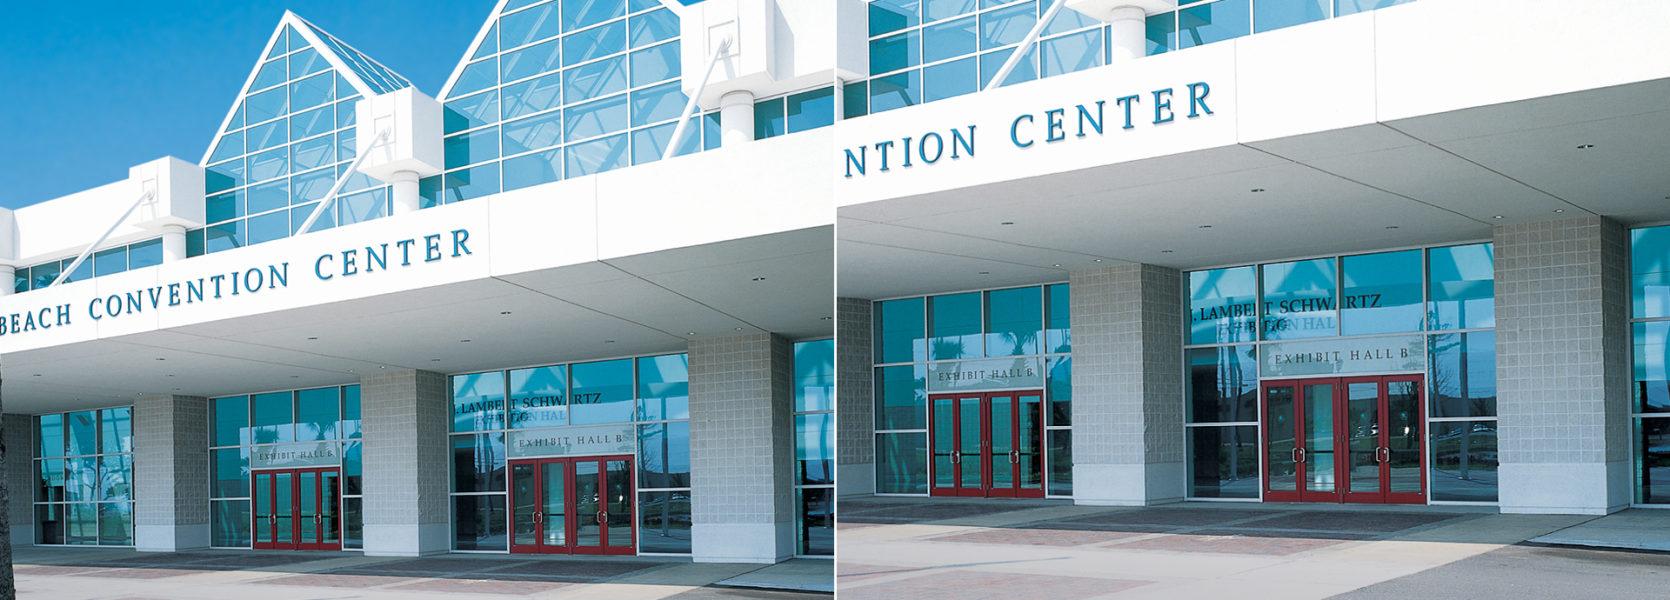 Myrtle Beach Convention Center